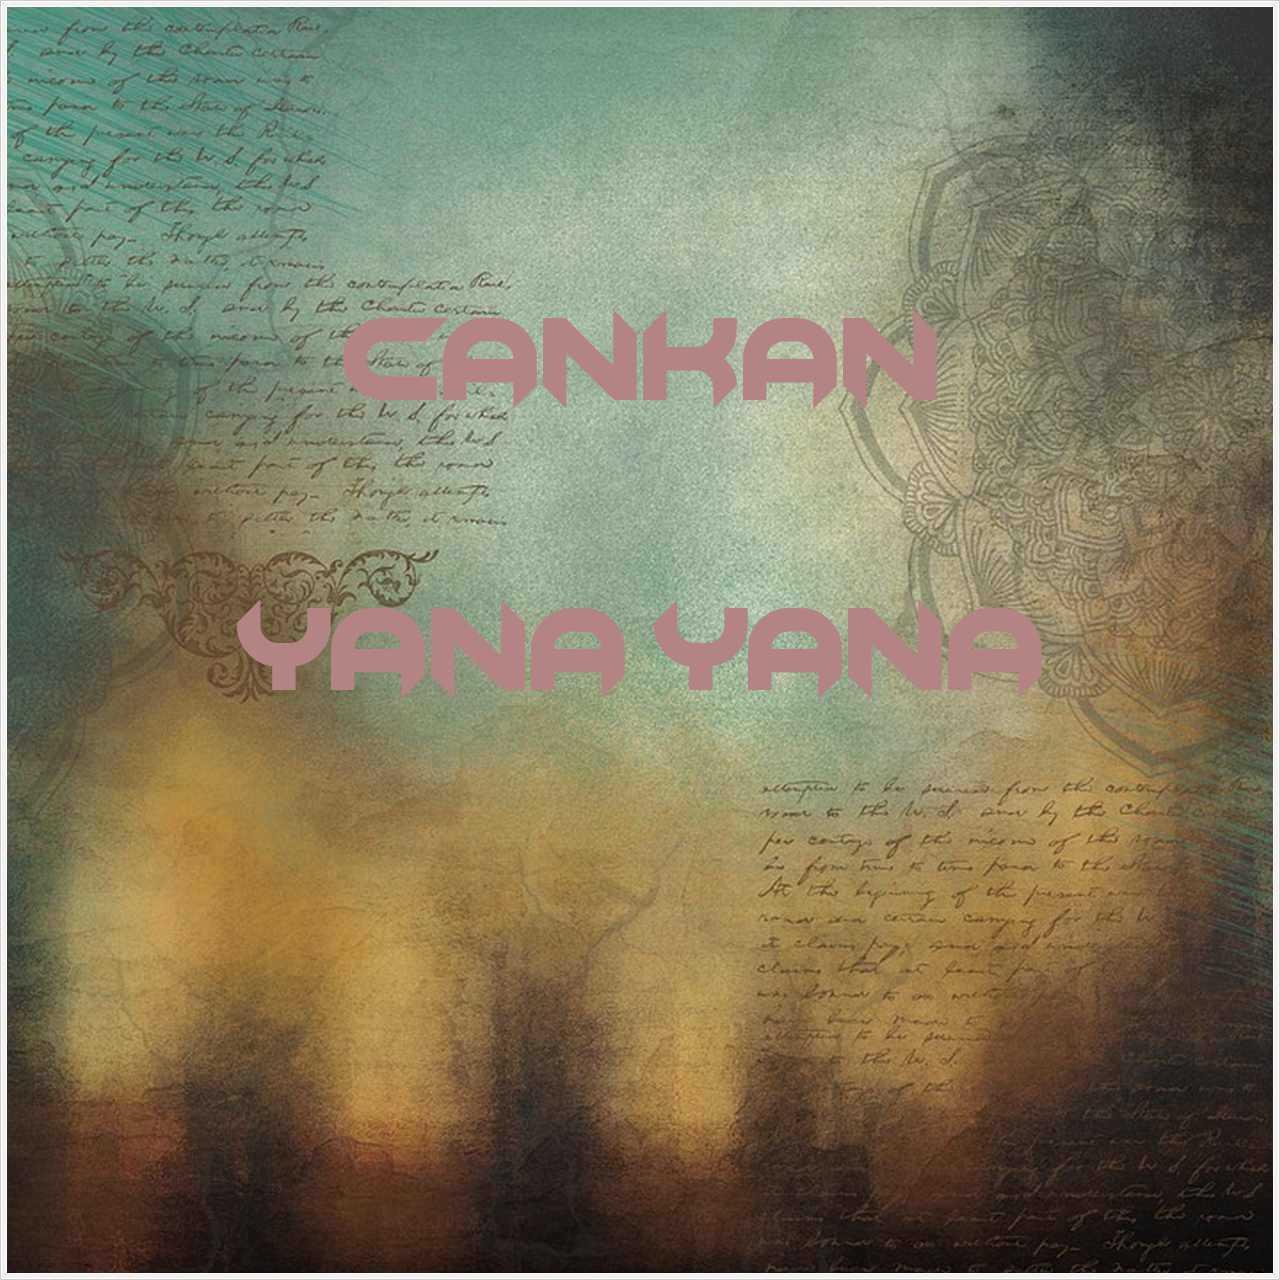 دانلود آهنگ جدید Cankan به نام Yana Yana